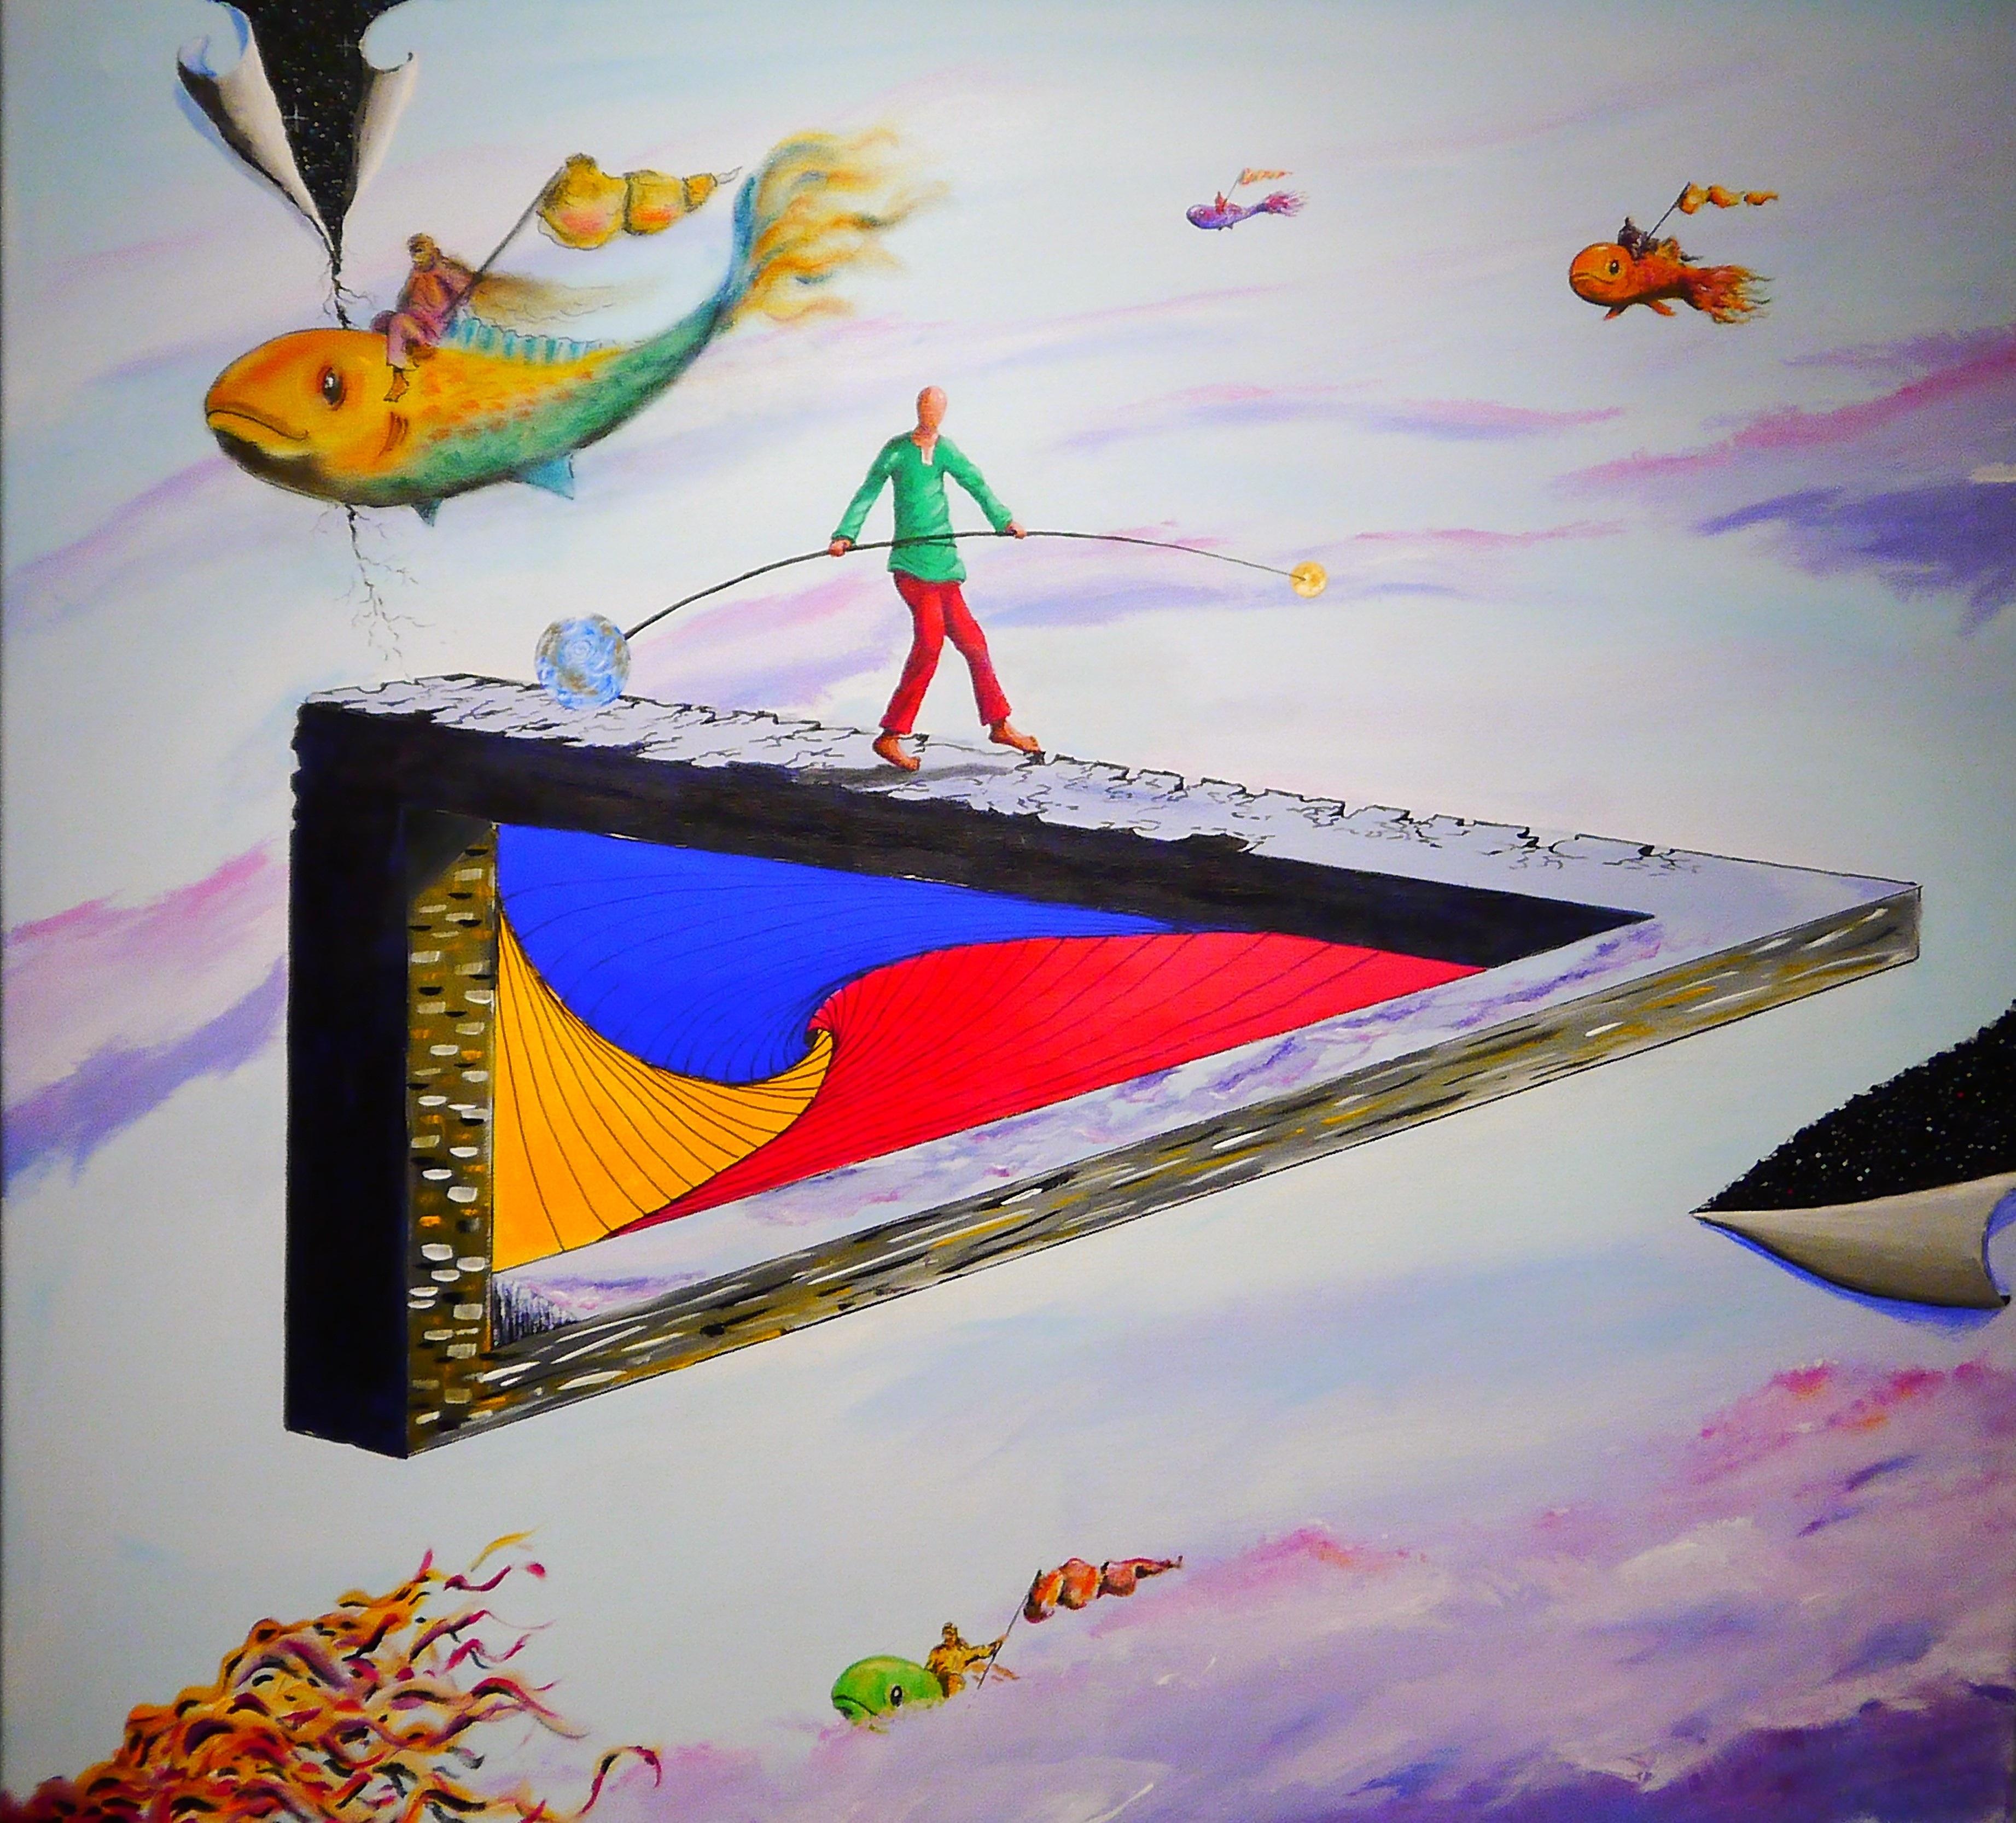 Abstrait Couleur Peindre La Peinture Art Illustration Mural Surréaliste  Fantaisie Forme Toile Art Moderne Peinture Acrylique